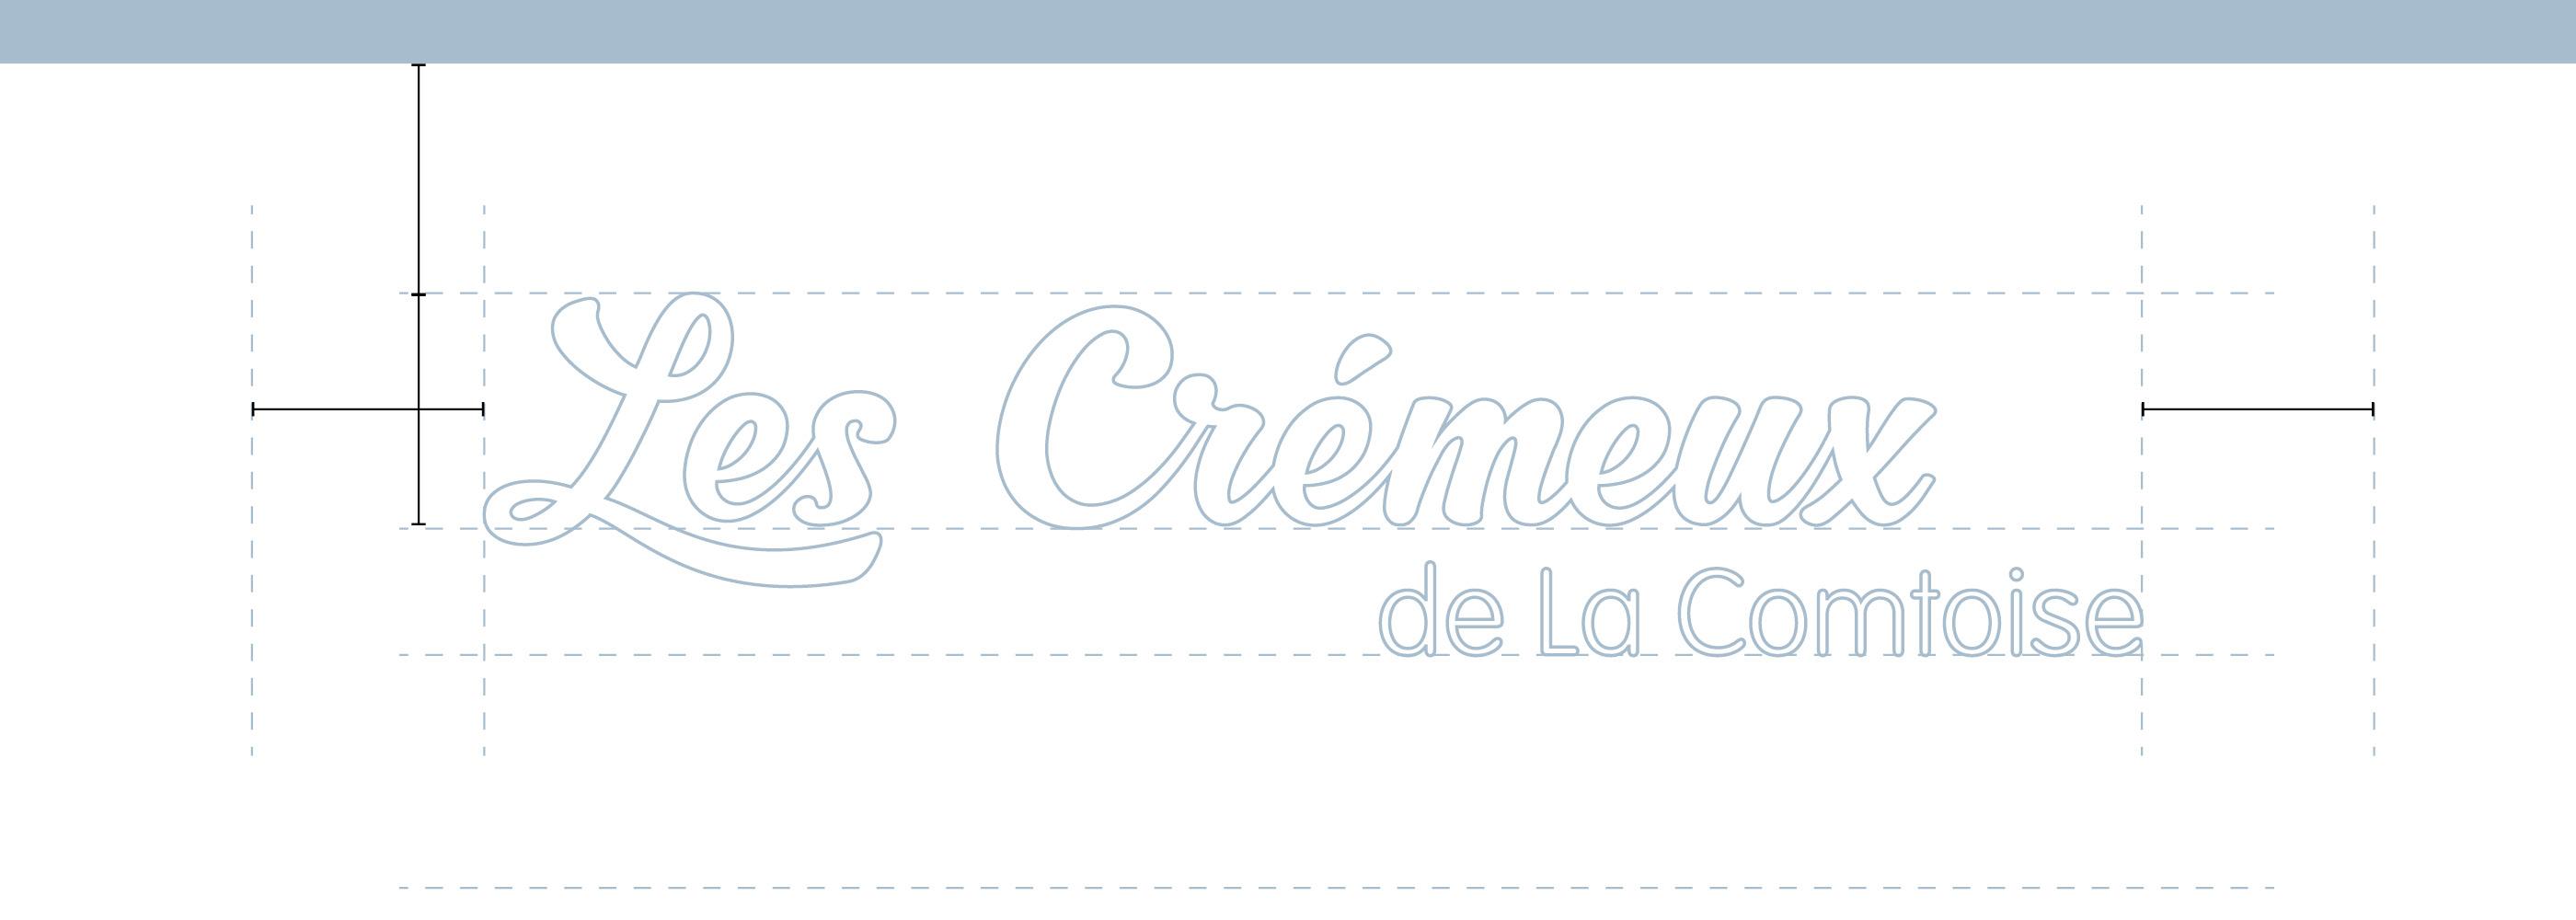 Les Crémeux screens2